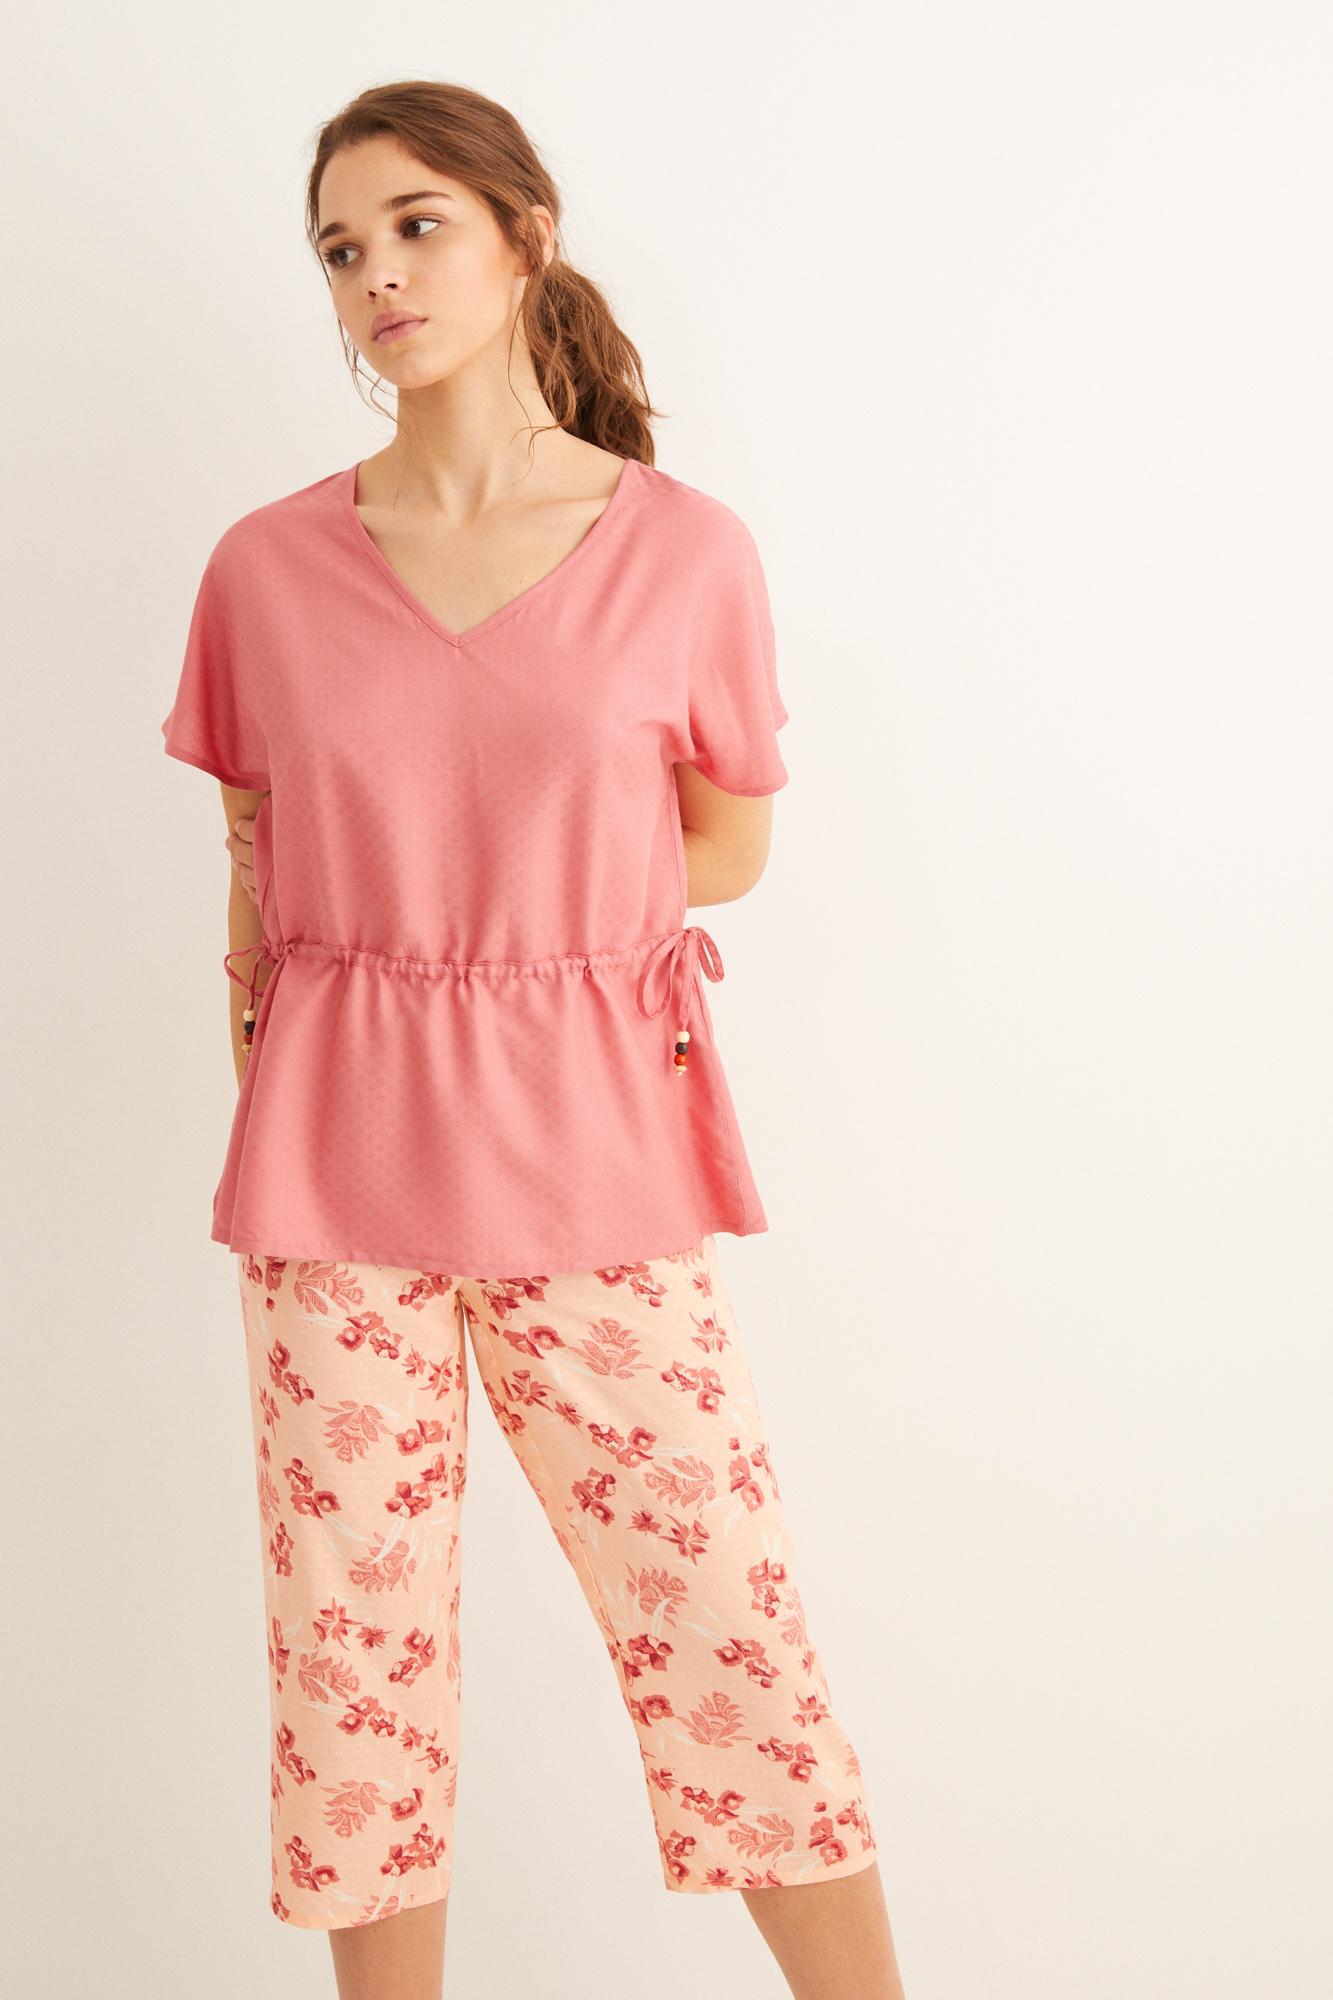 Pijama pantalón capri | Pijamas largos | Women'secret